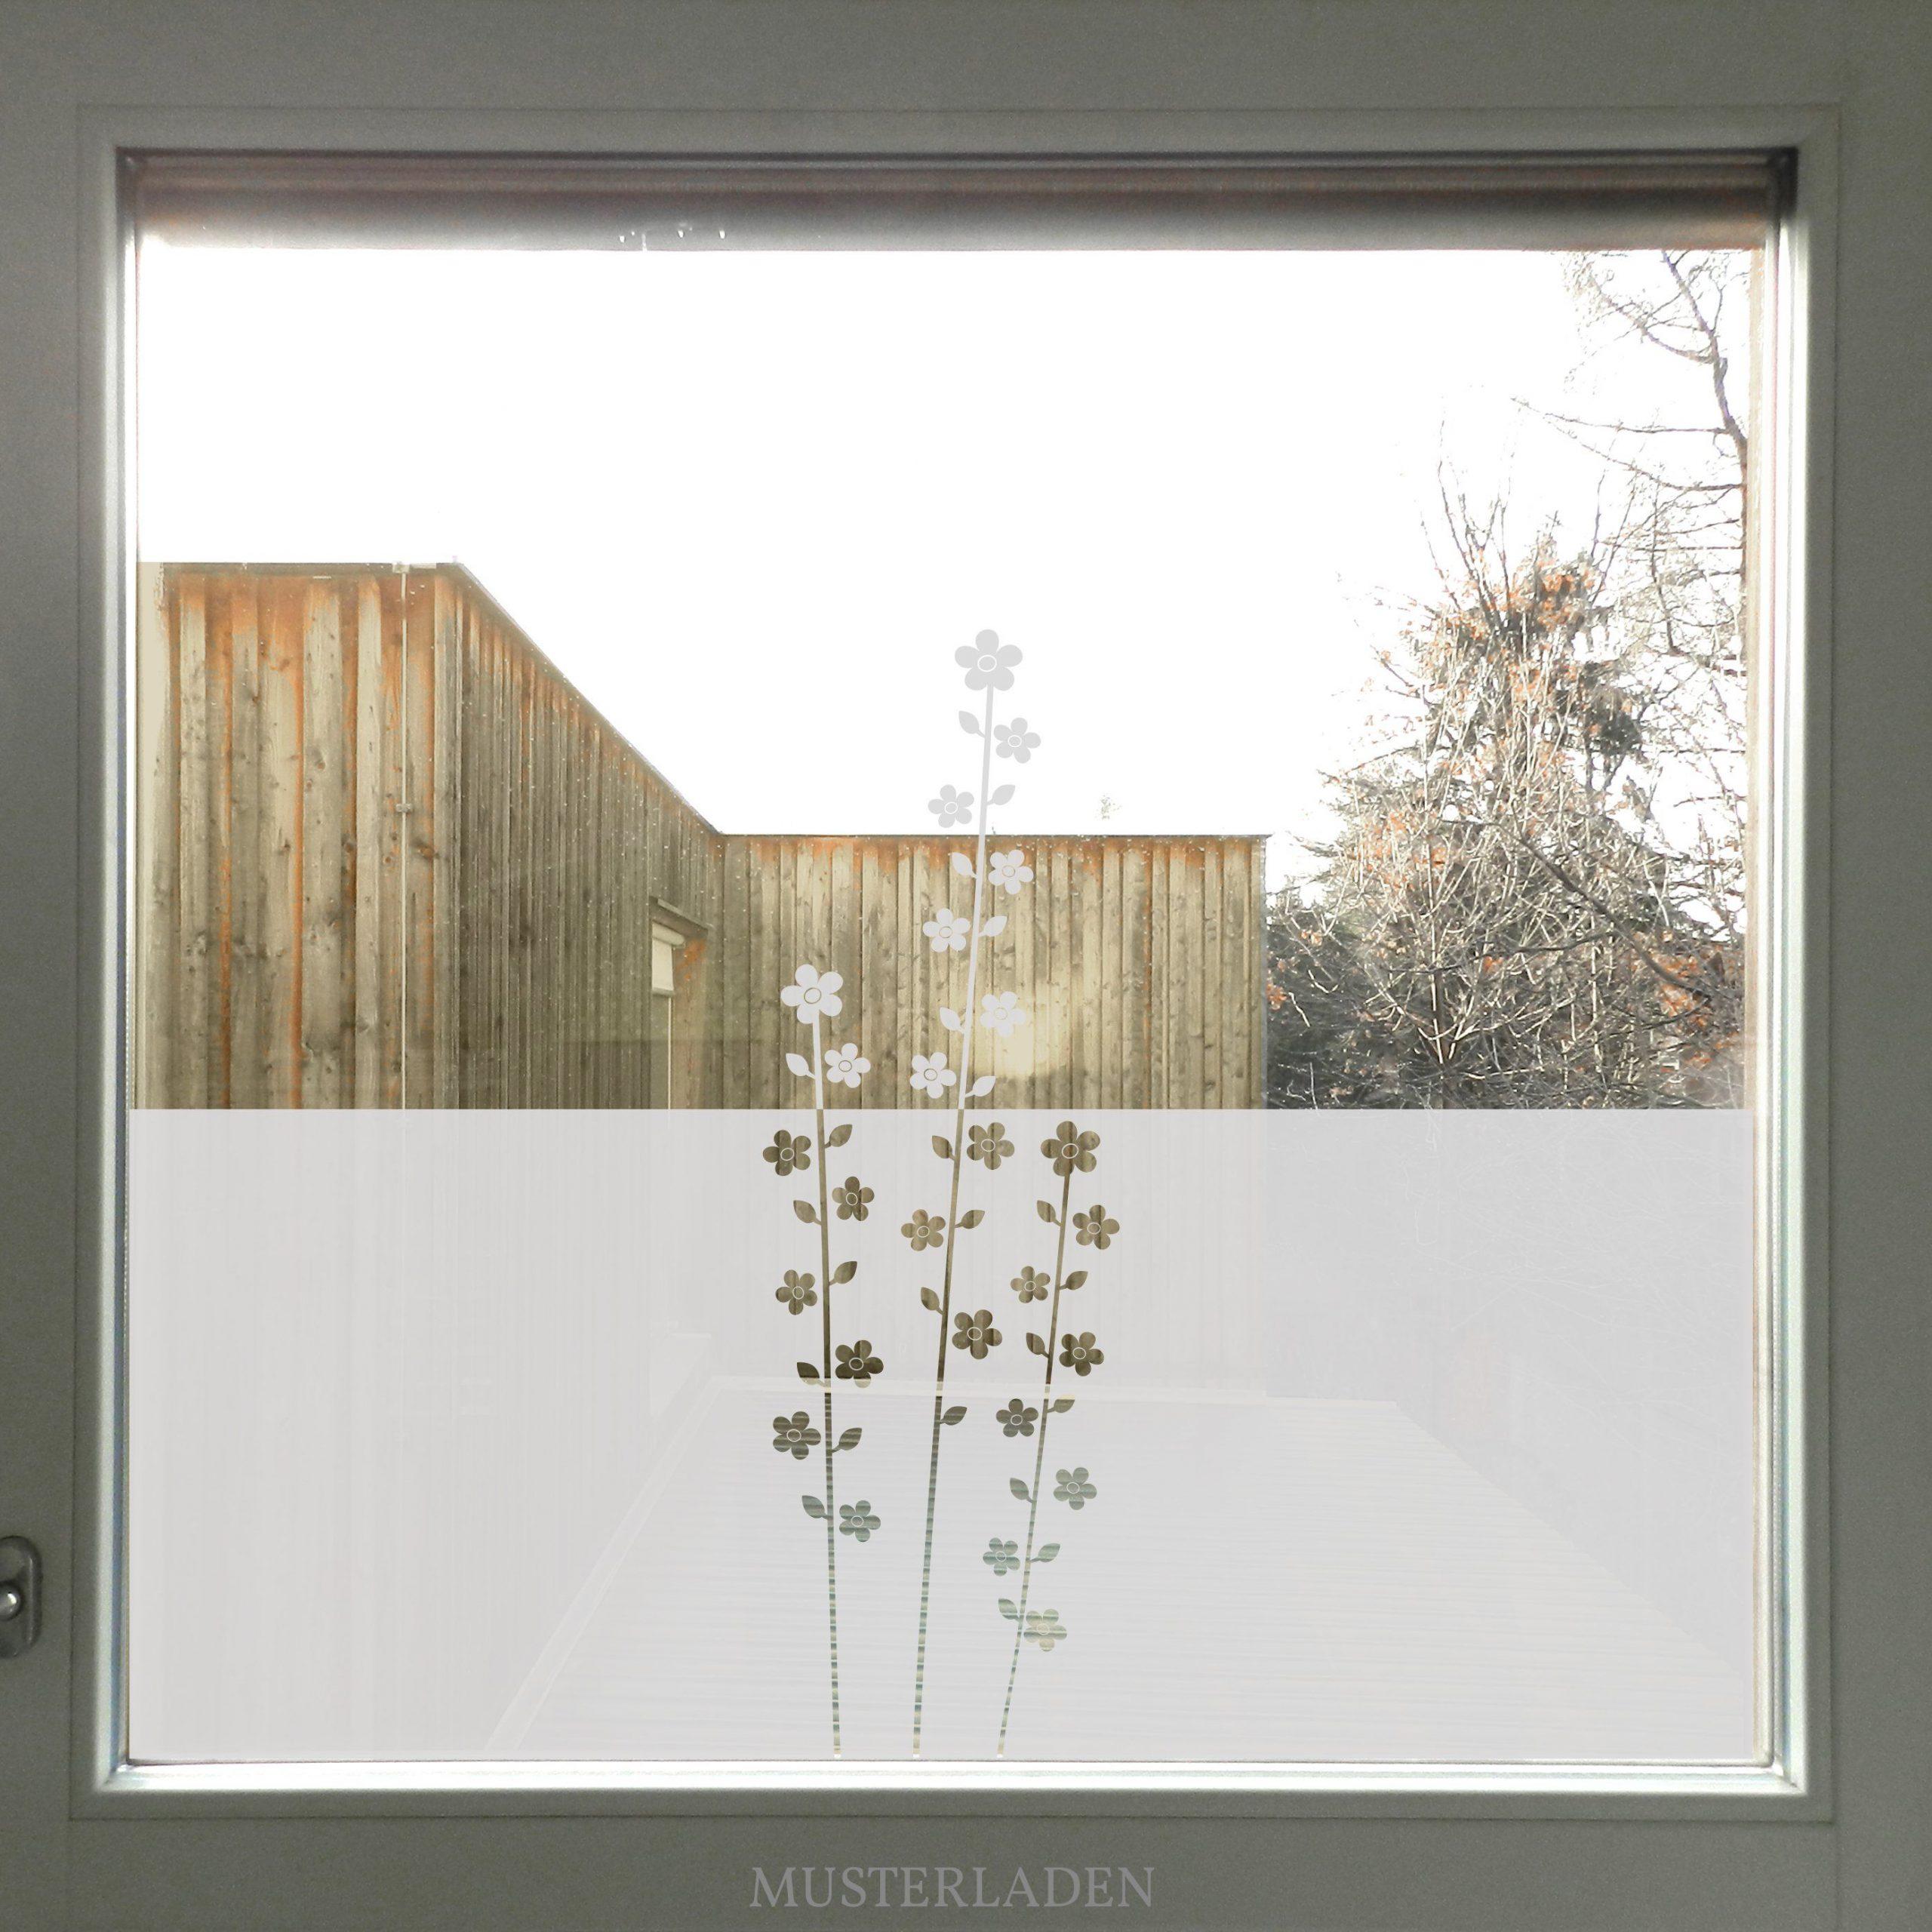 Full Size of Sichtschutzfolien Für Fenster Absturzsicherung Marken Klimagerät Schlafzimmer Gardinen Wohnzimmer Fliegennetz Auf Maß Online Konfigurator Dachschräge Fenster Sichtschutzfolien Für Fenster